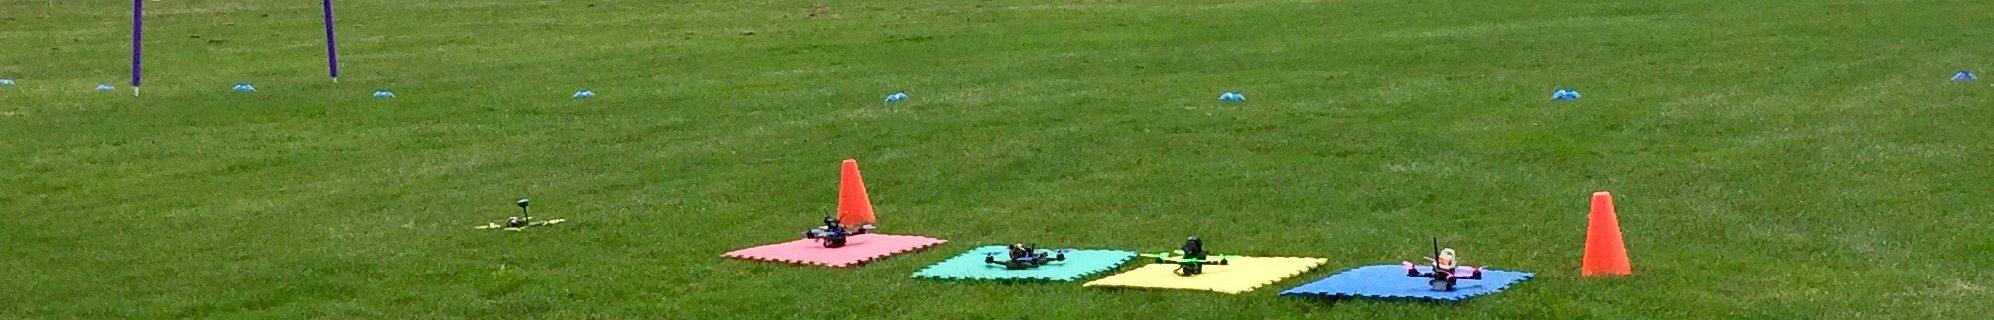 CNY Drones